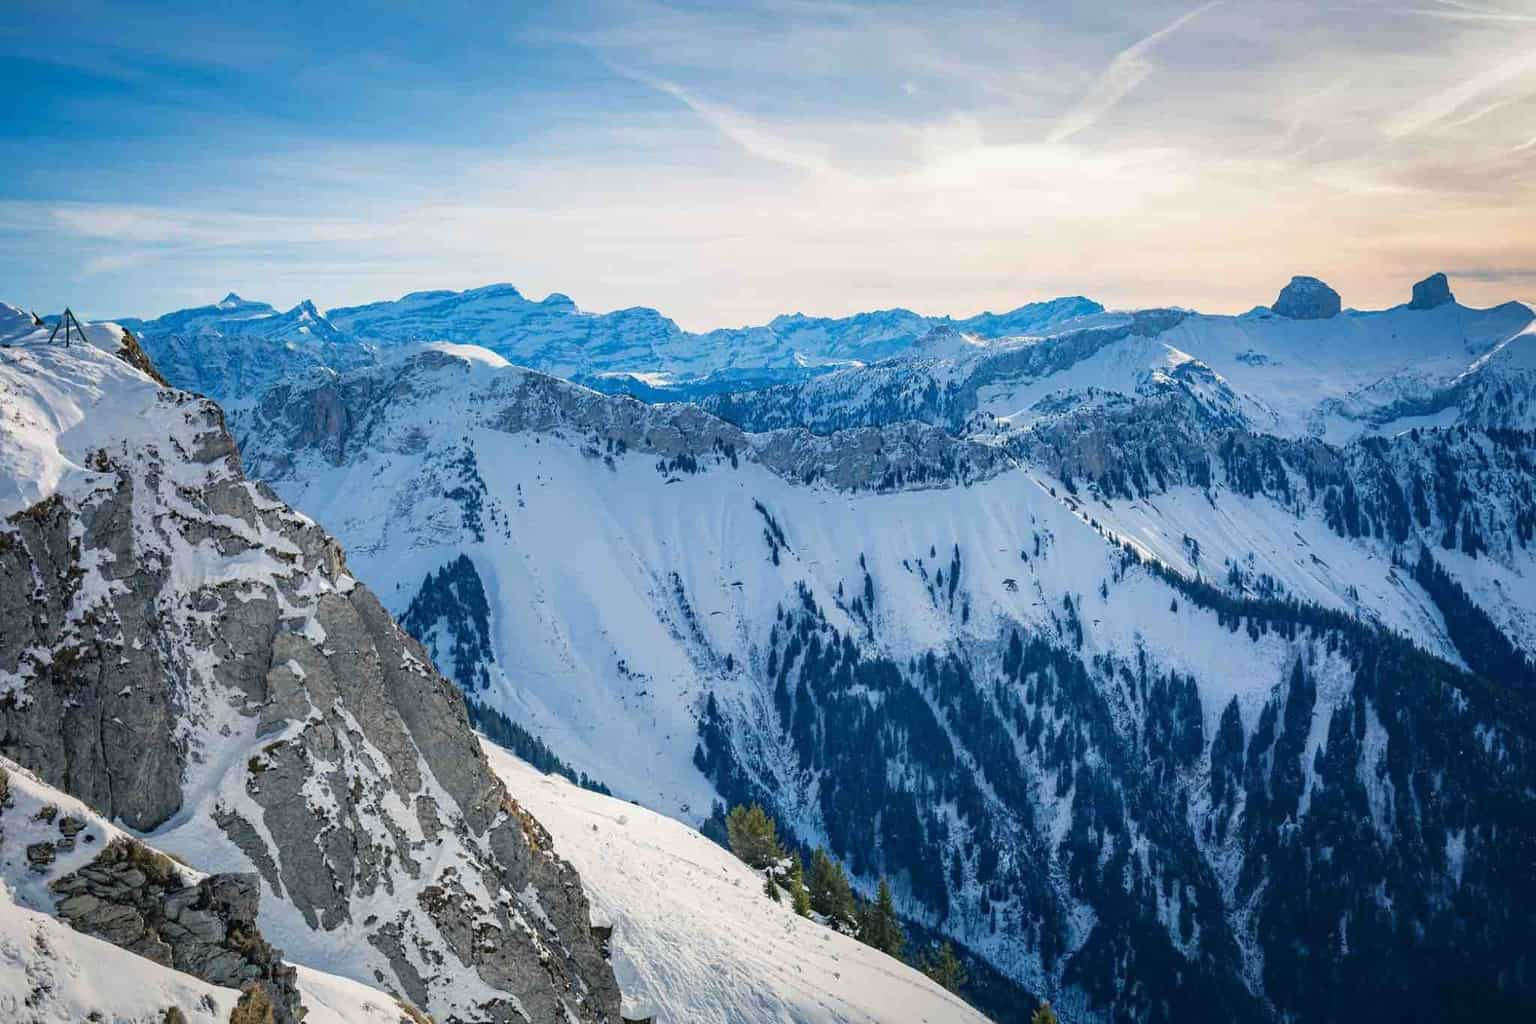 Rocher de Naye, Montreux, Switzerland